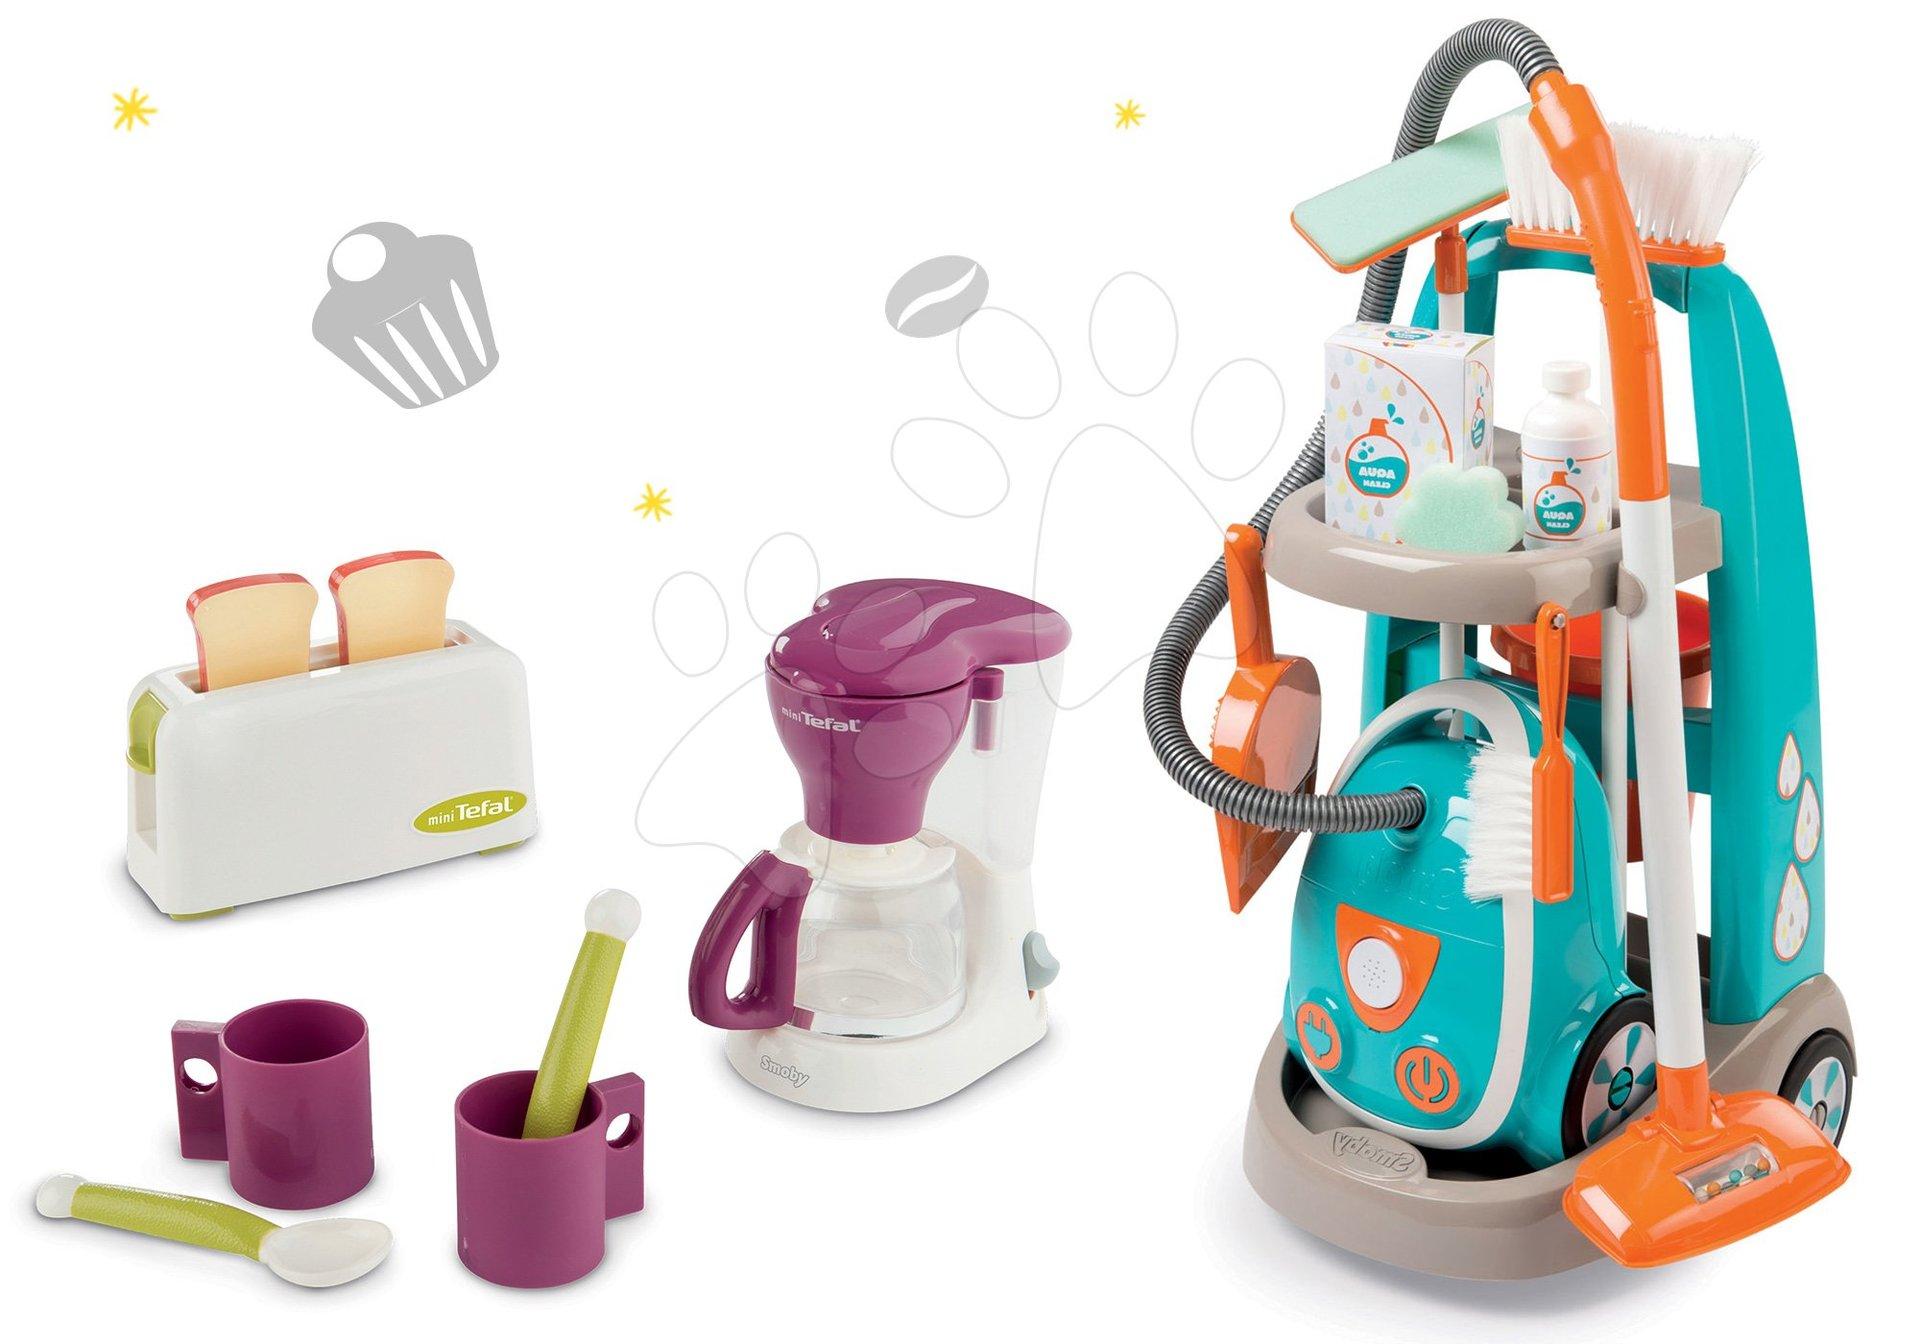 Hry na domácnosť - Set upratovací vozík s elektronickým vysávačom Clean Smoby a čajová súprava s toasterom a kávovarom